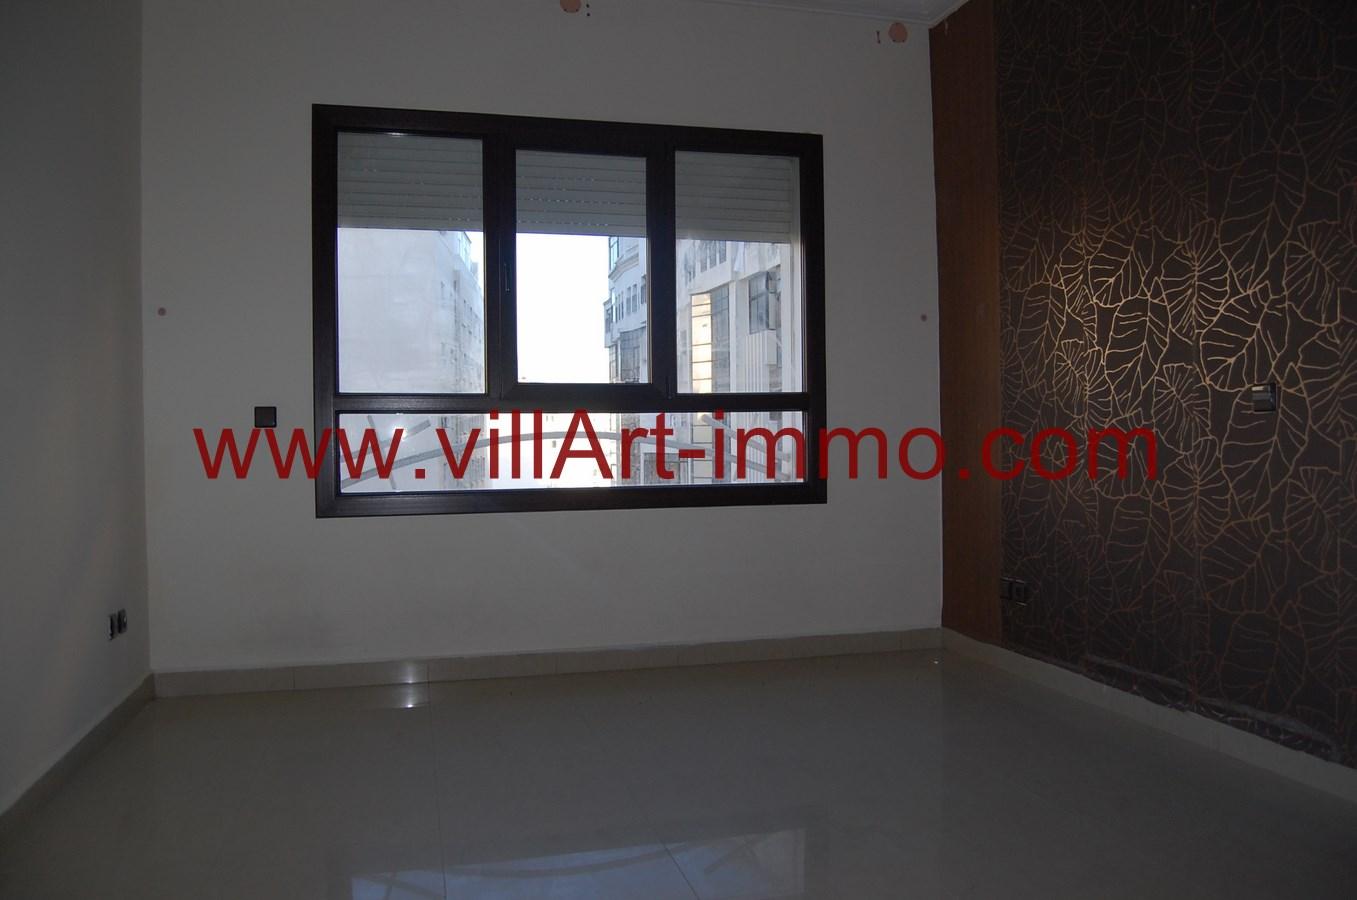 5-a-louer-appartement-non-meuble-tanger-chambre-1-l891-villart-immo